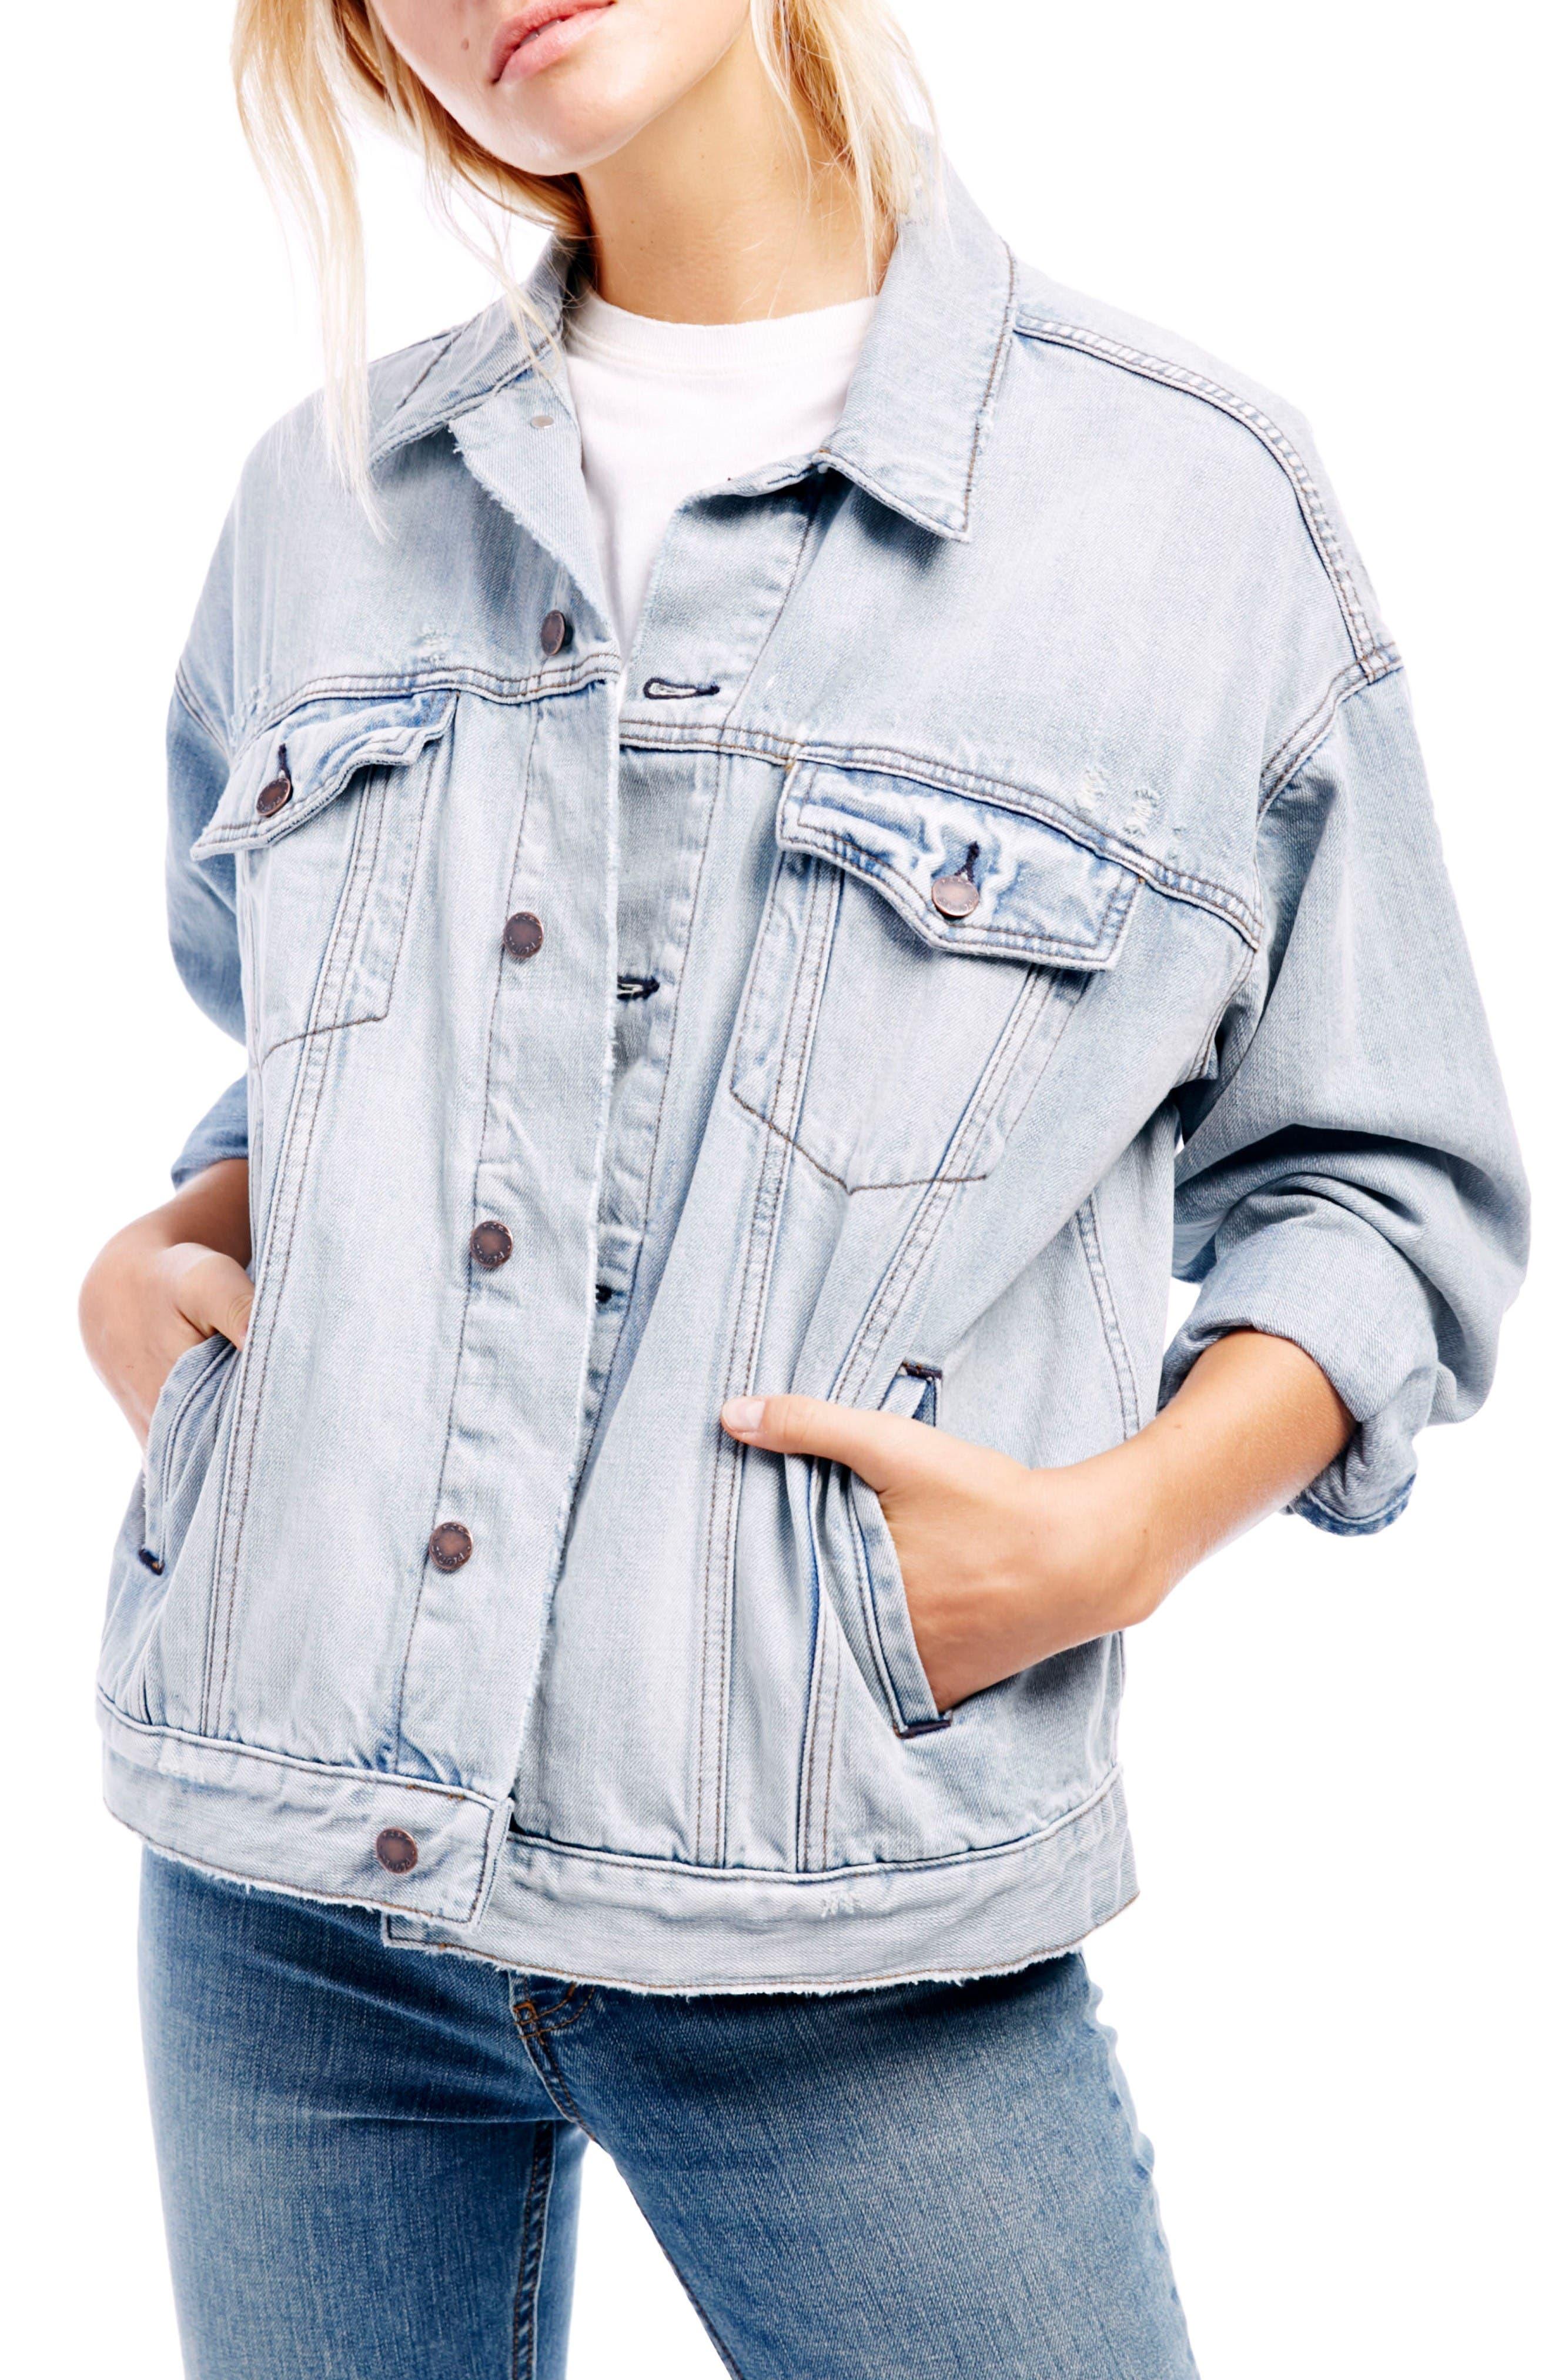 Alternate Image 1 Selected - Free People Denim Trucker Jacket